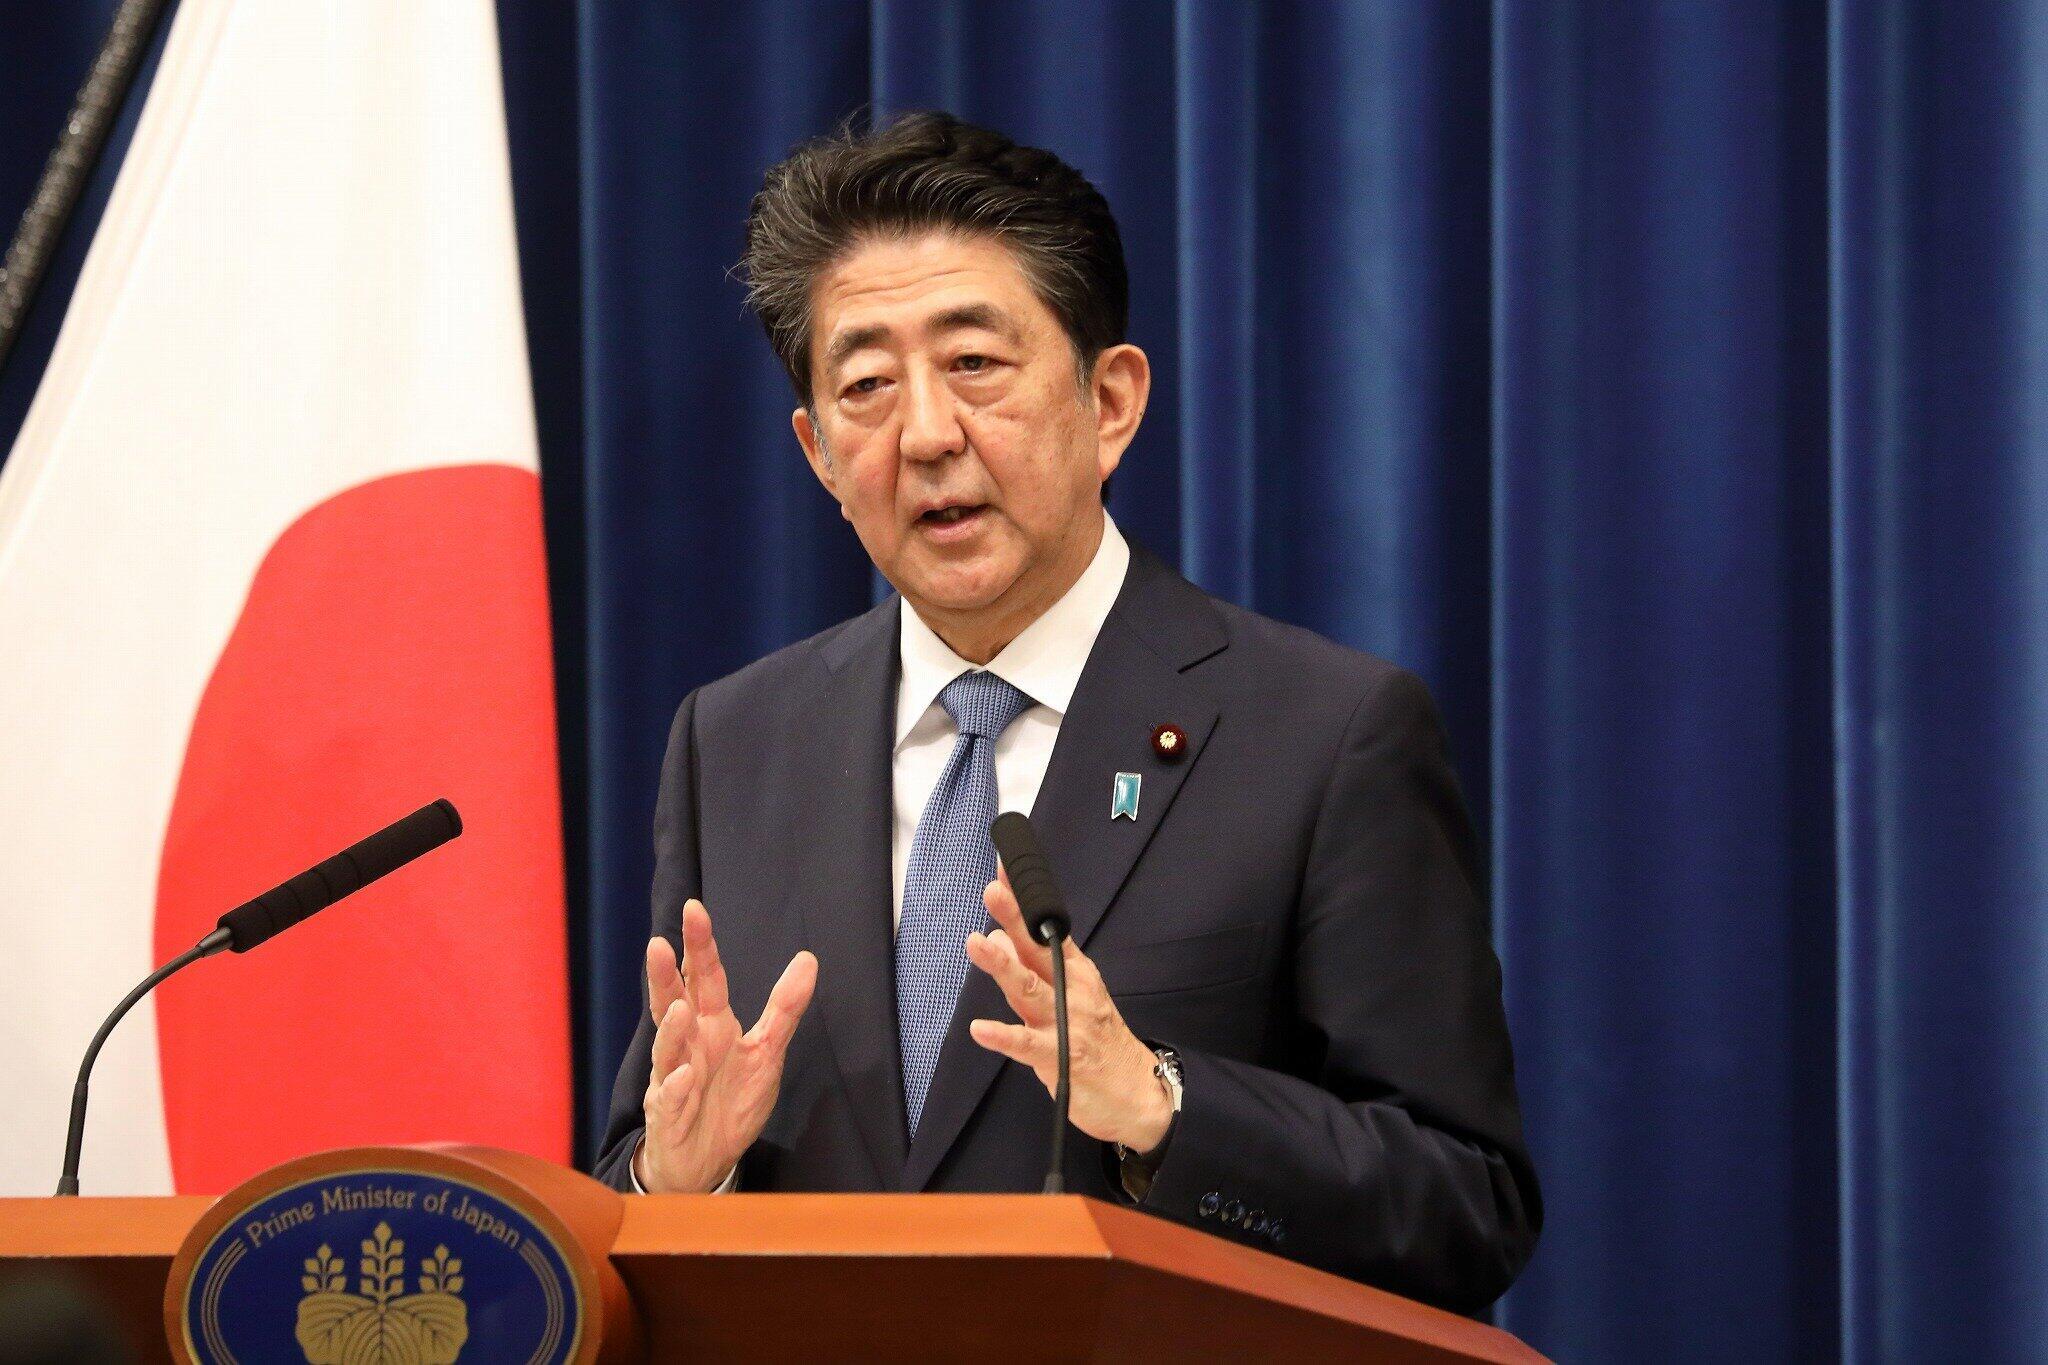 「反韓」の巨頭・安倍晋三前首相の退陣は韓国にとってチャンスか?